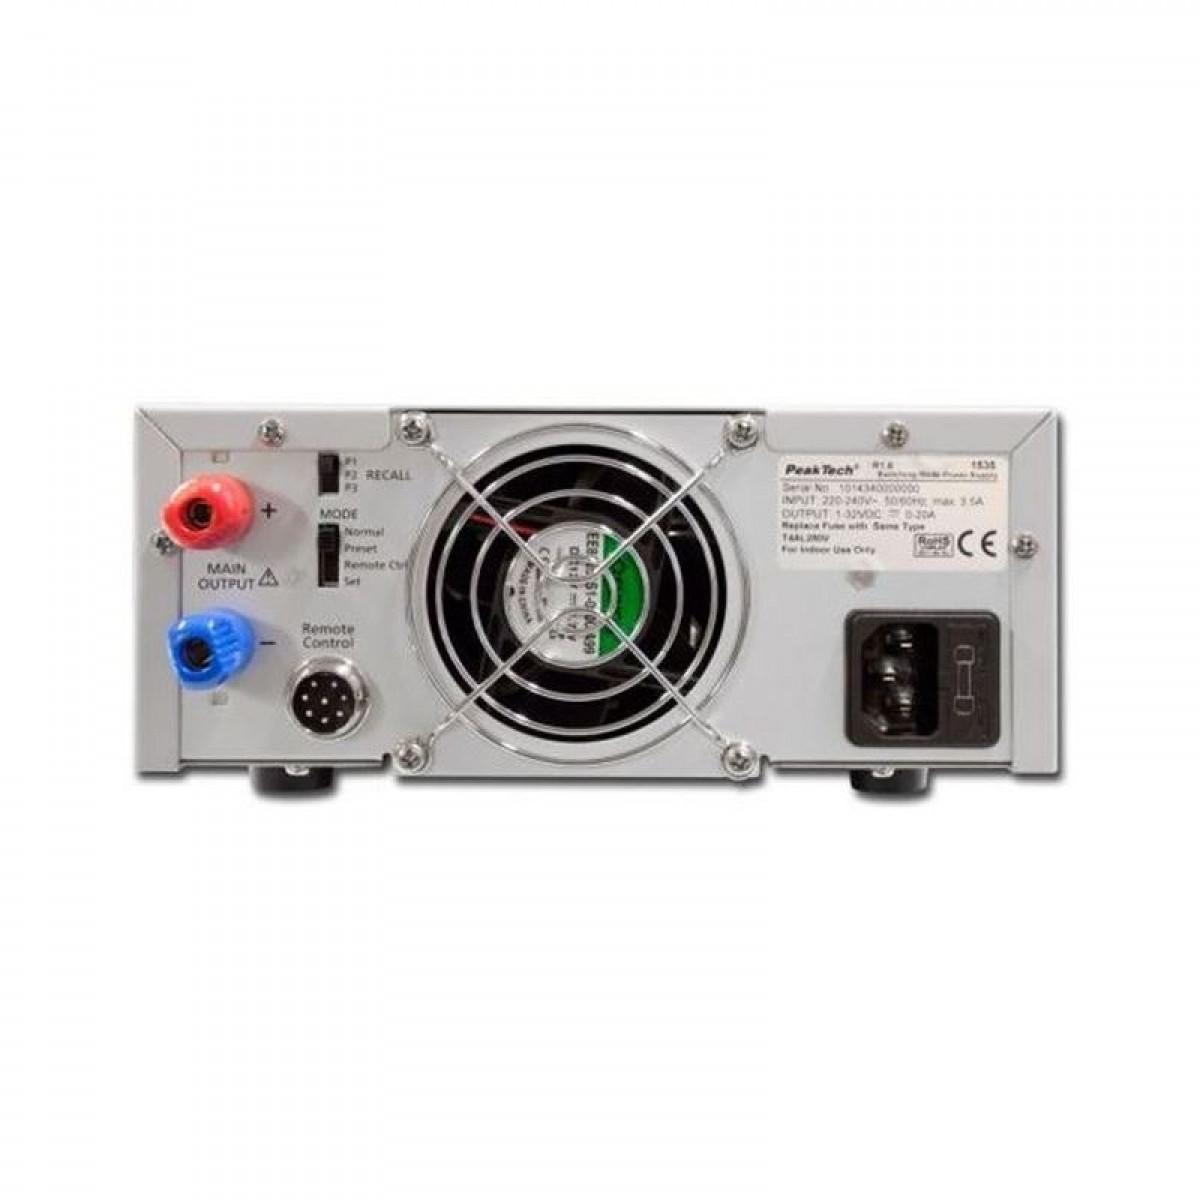 PeakTech® 1535   Elektronik für jedermann